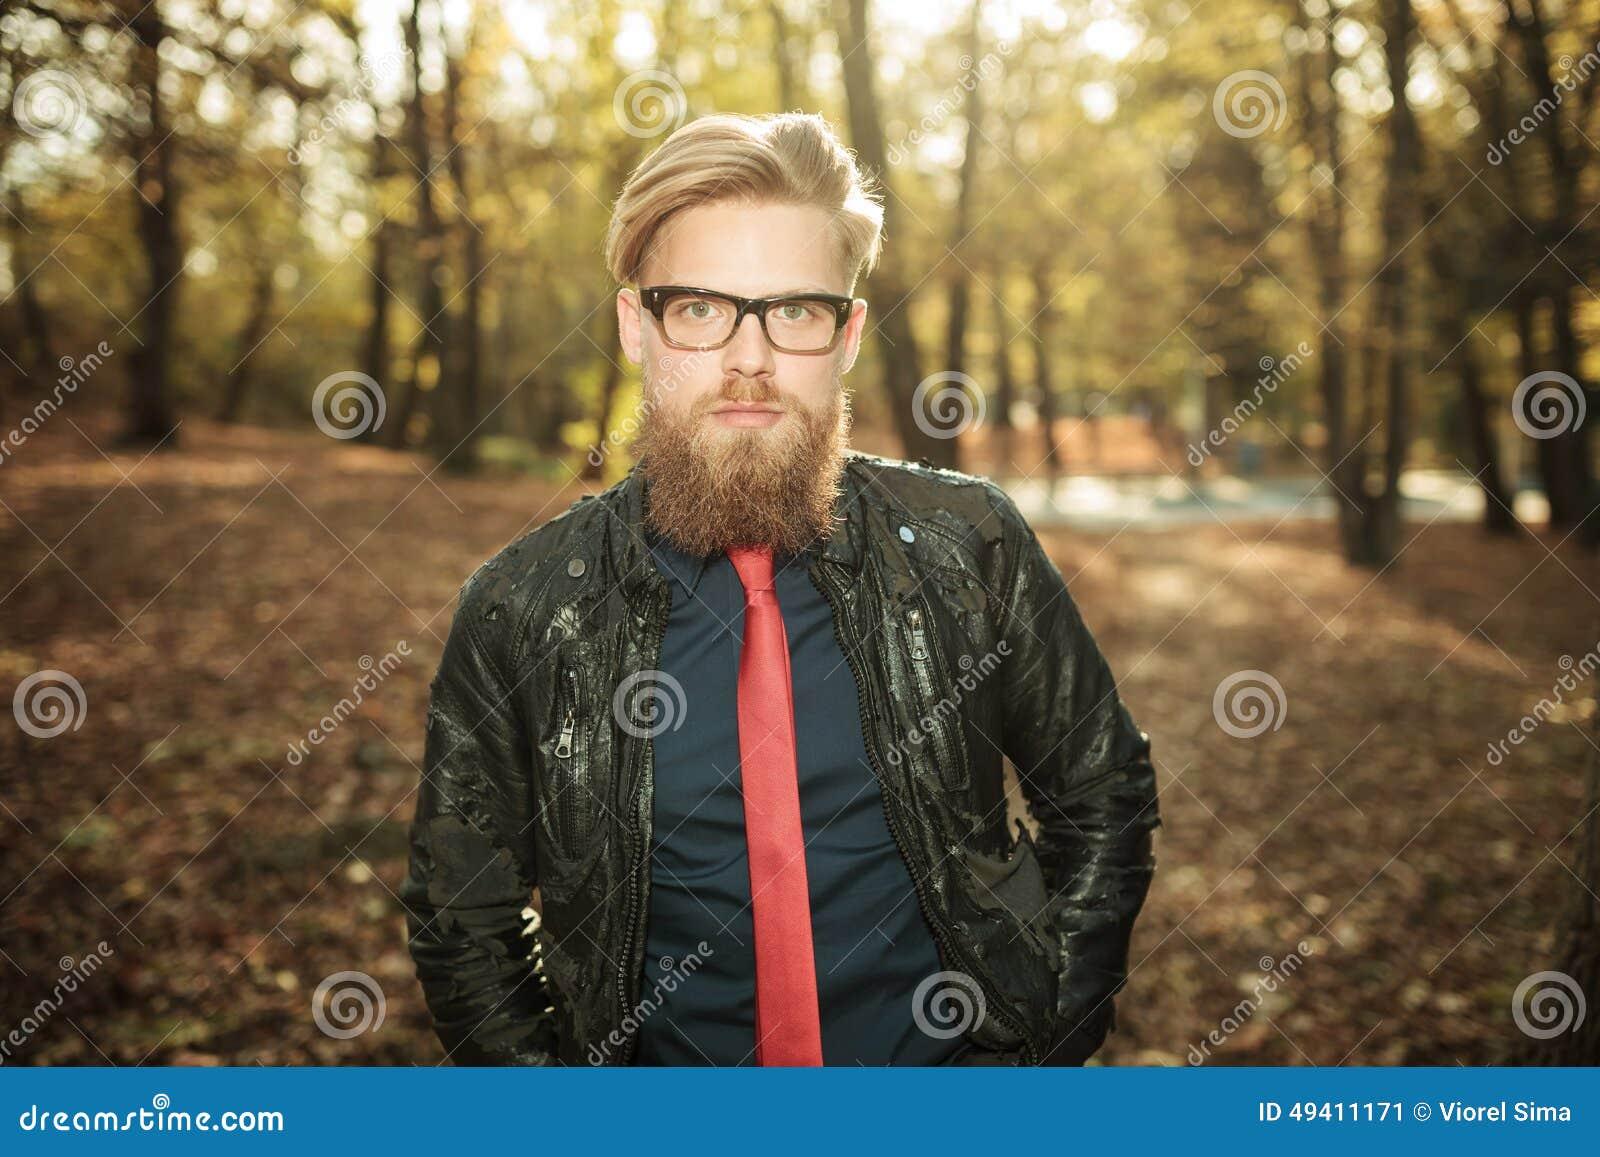 Download Zufälliger Modemann, Der In Den Park Geht Stockbild - Bild von nett, gläser: 49411171